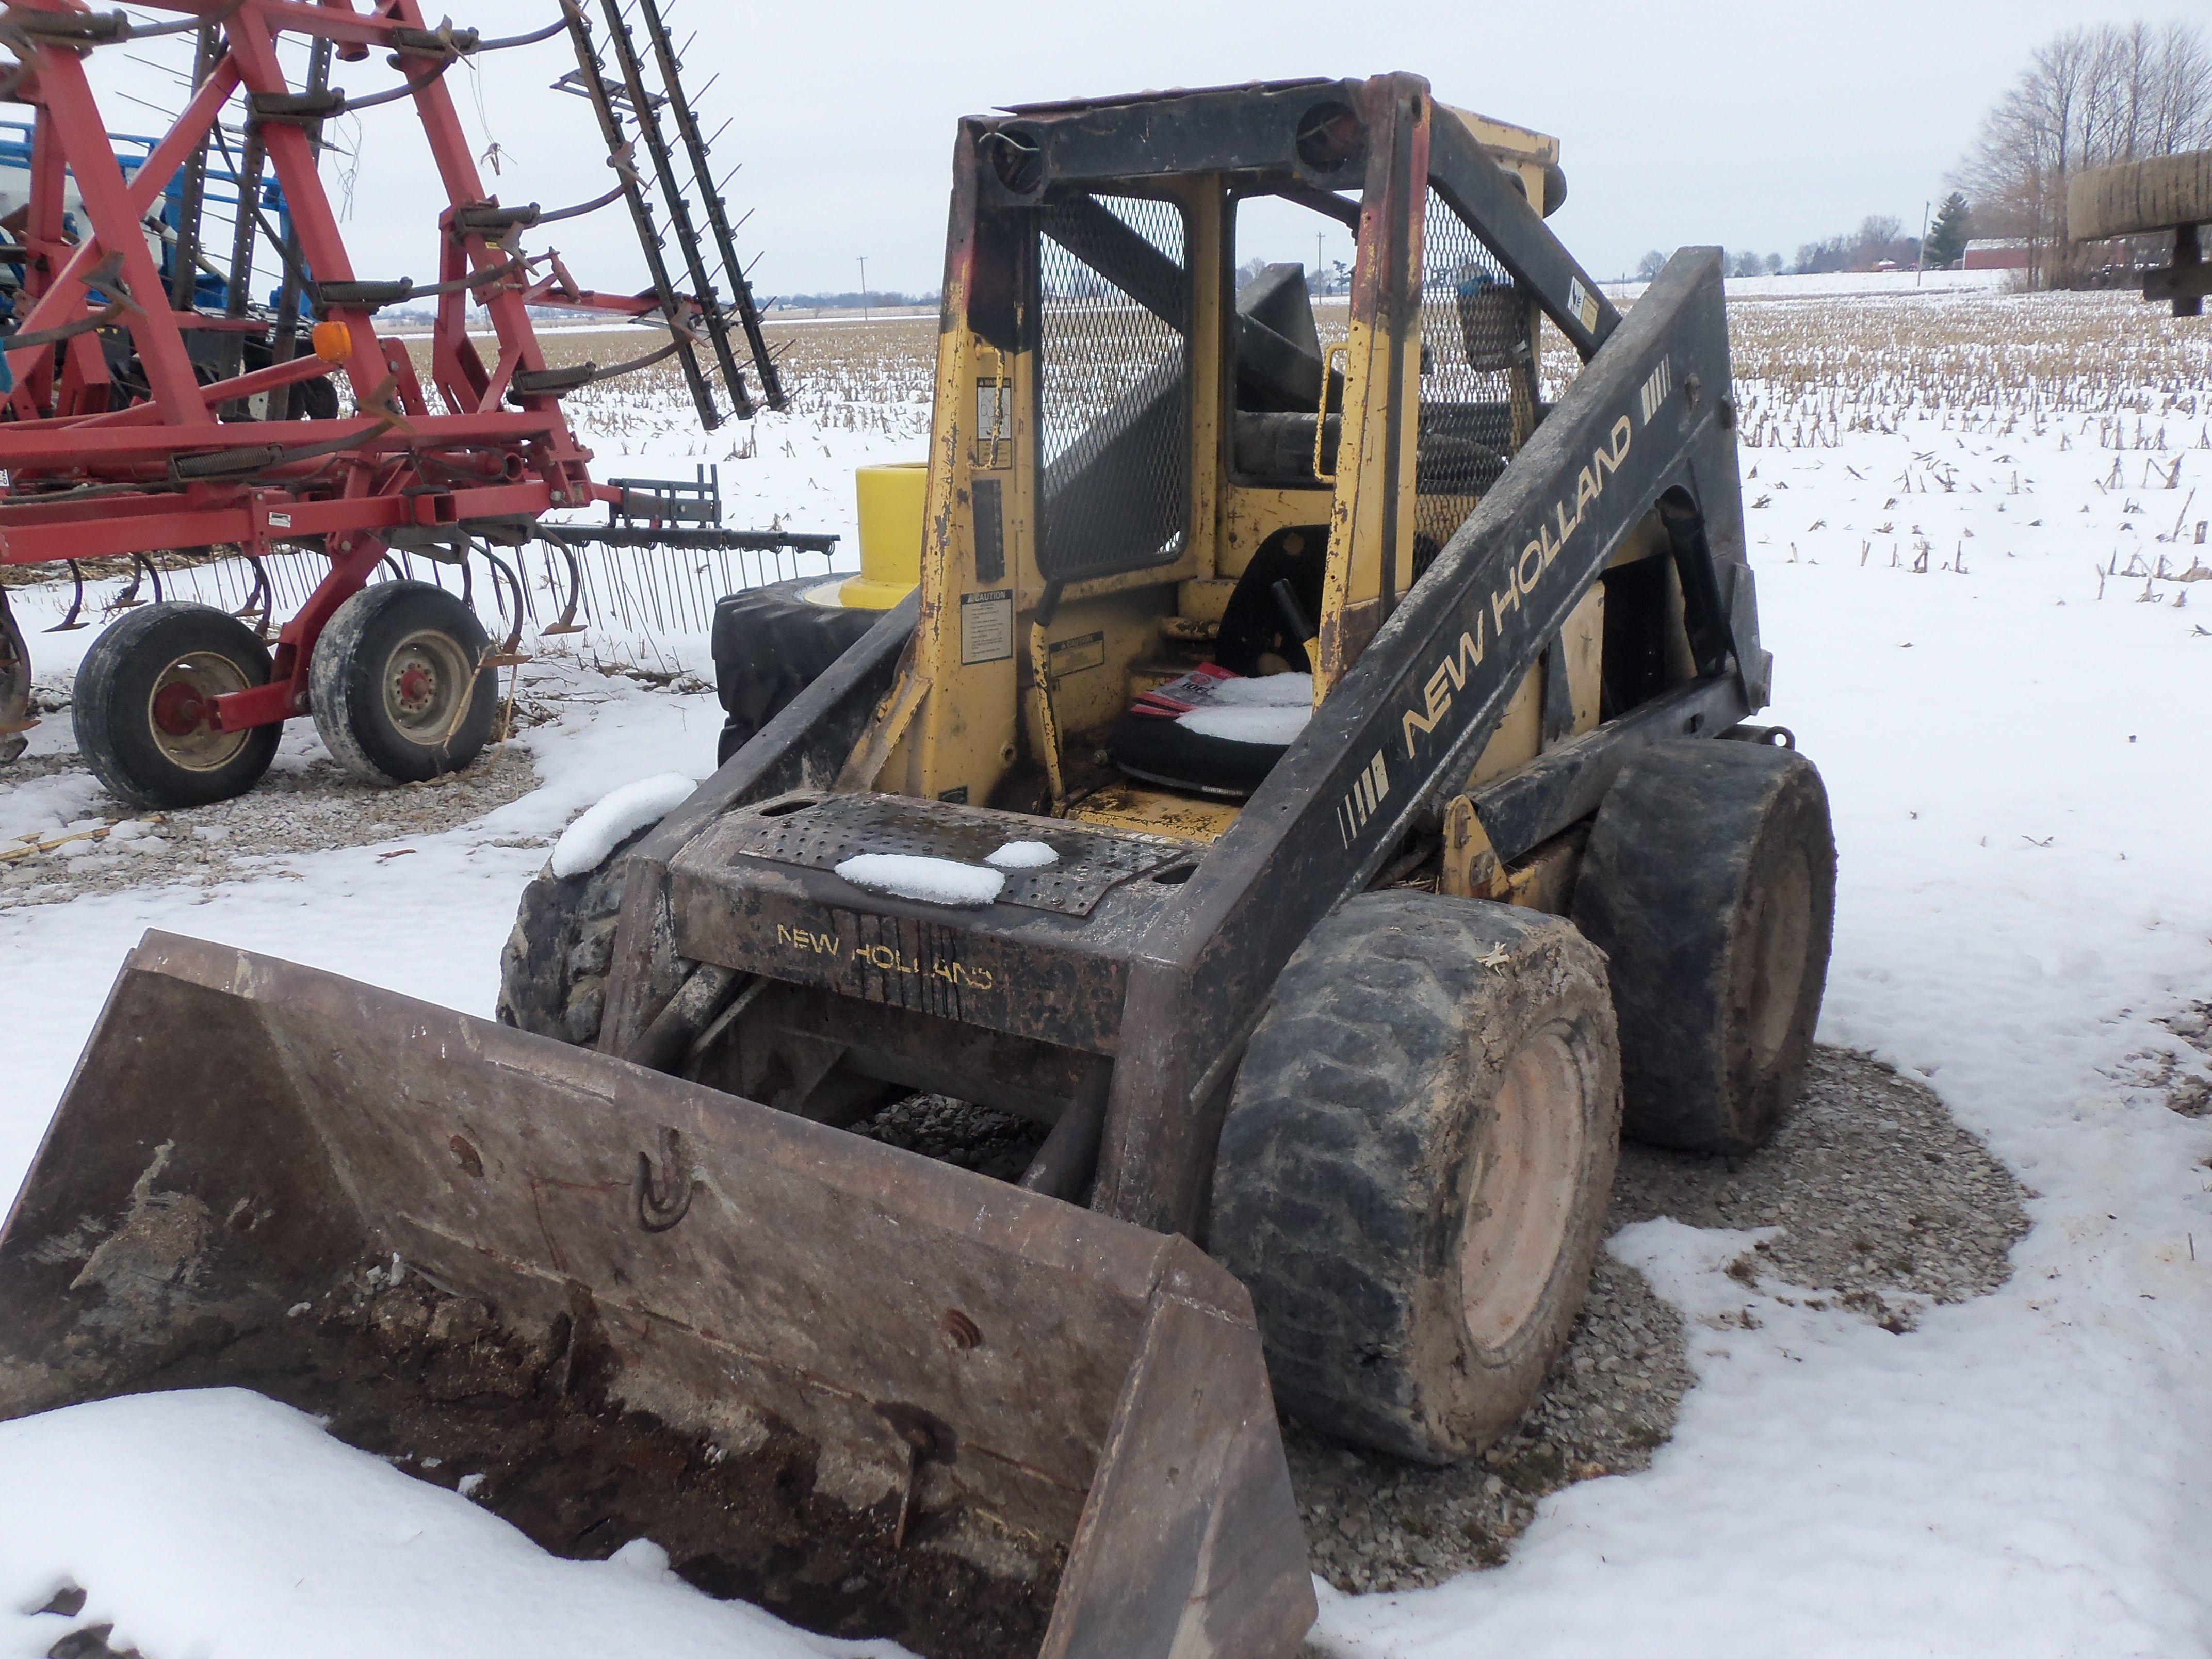 Old New HOlland L Series skid steer loader